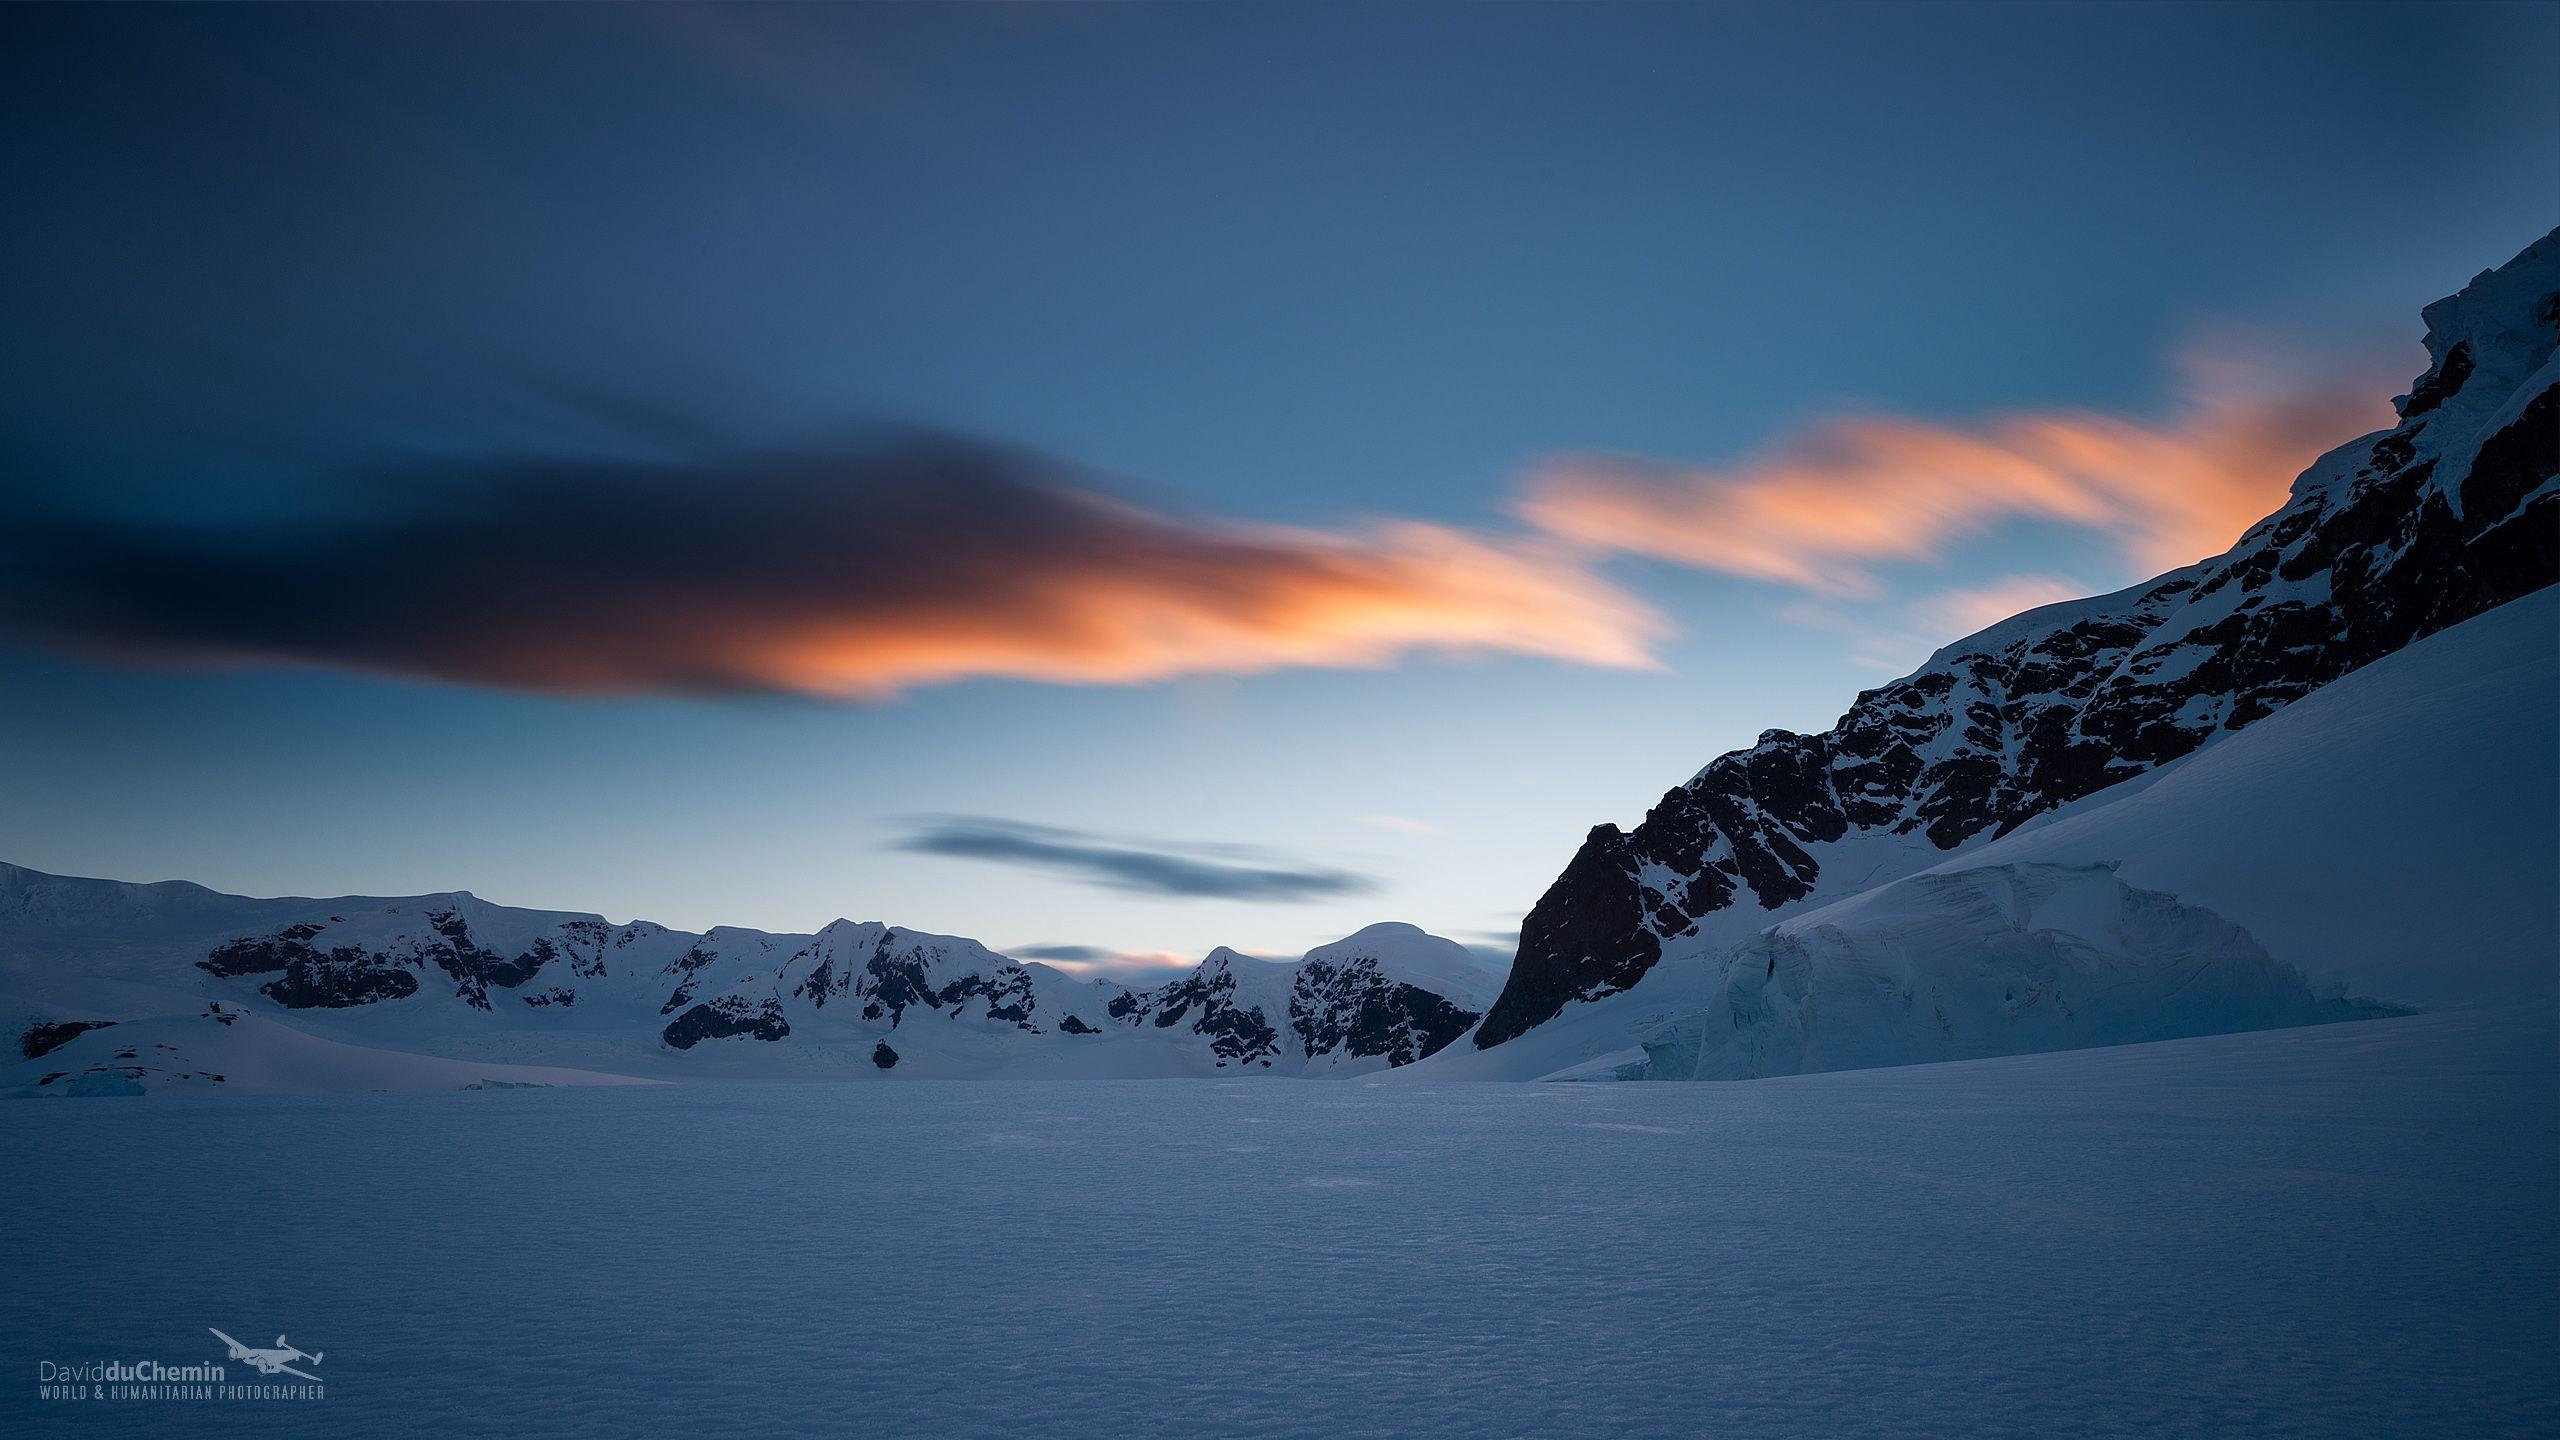 antarctica Wallpaper Antarctica Nature 2560x1440